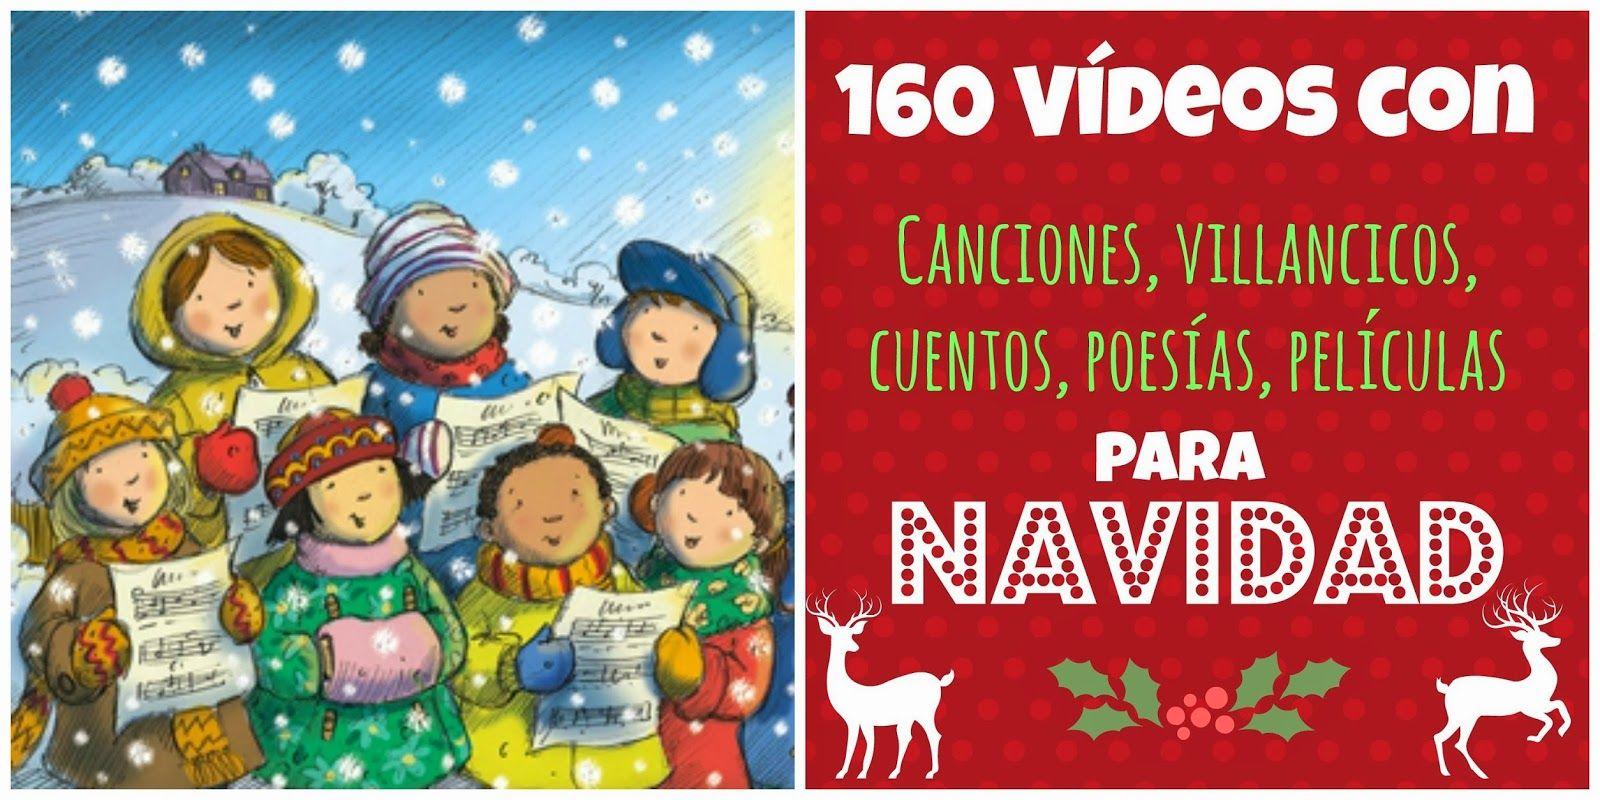 160 villancicos en esta la lista de reproducción de Navidad de ...